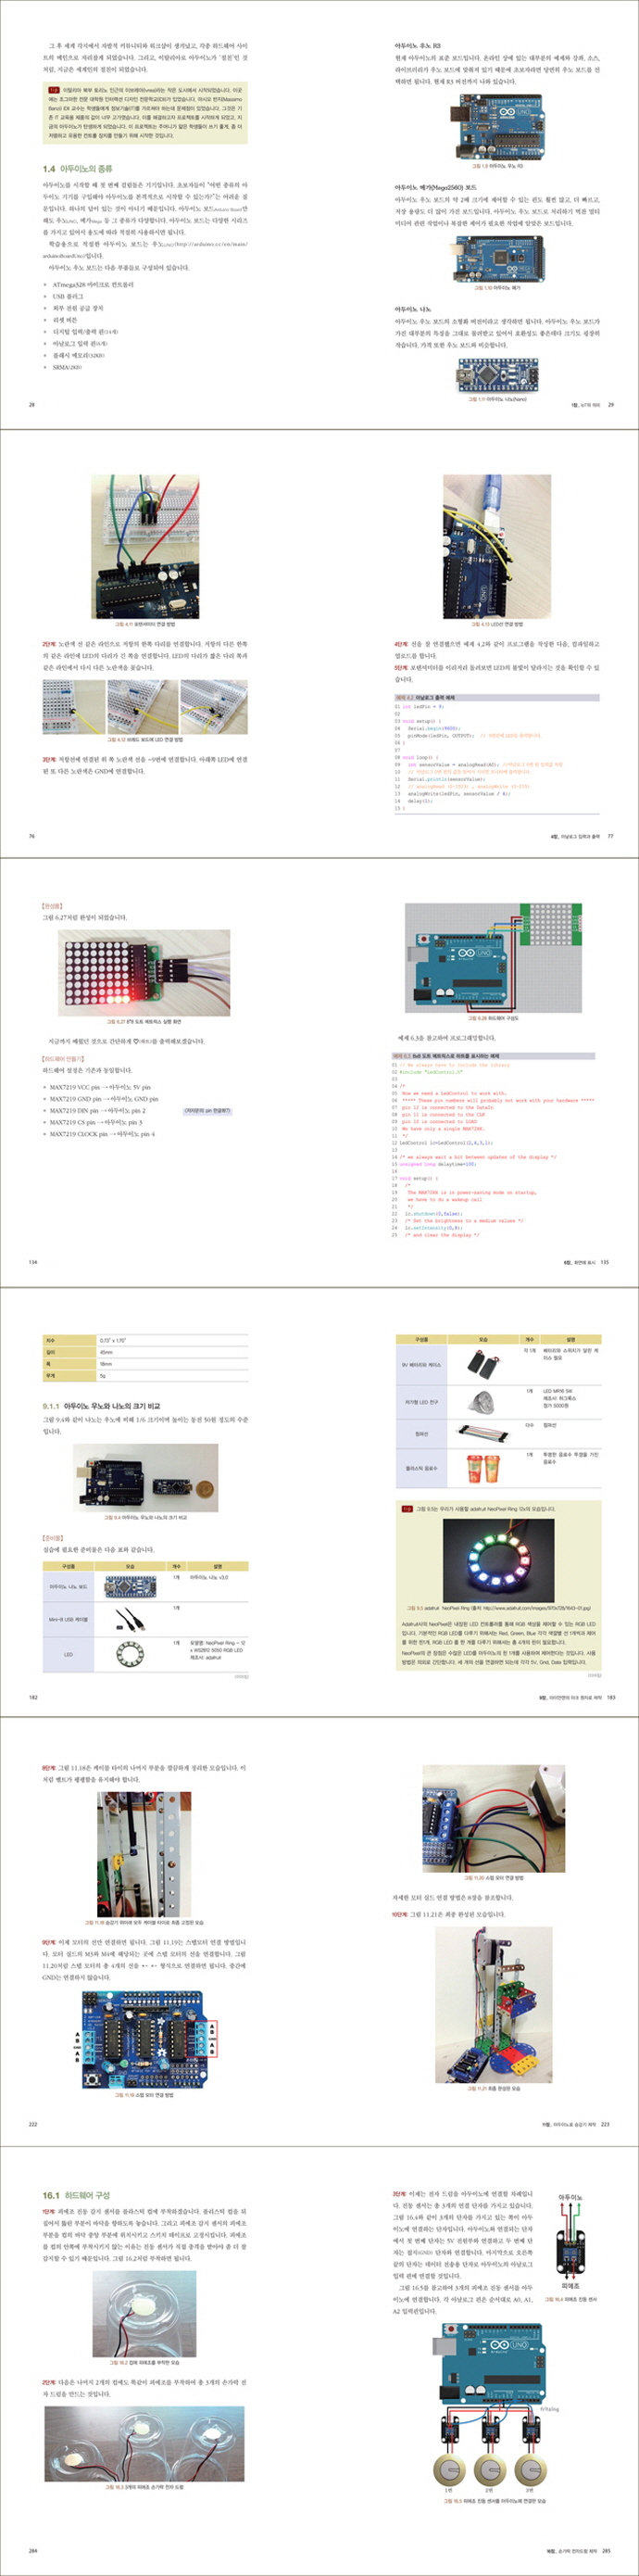 과학 영재를 만드는 아두이노 교실(에이콘 임베디드 시스템 시리즈) 도서 상세이미지